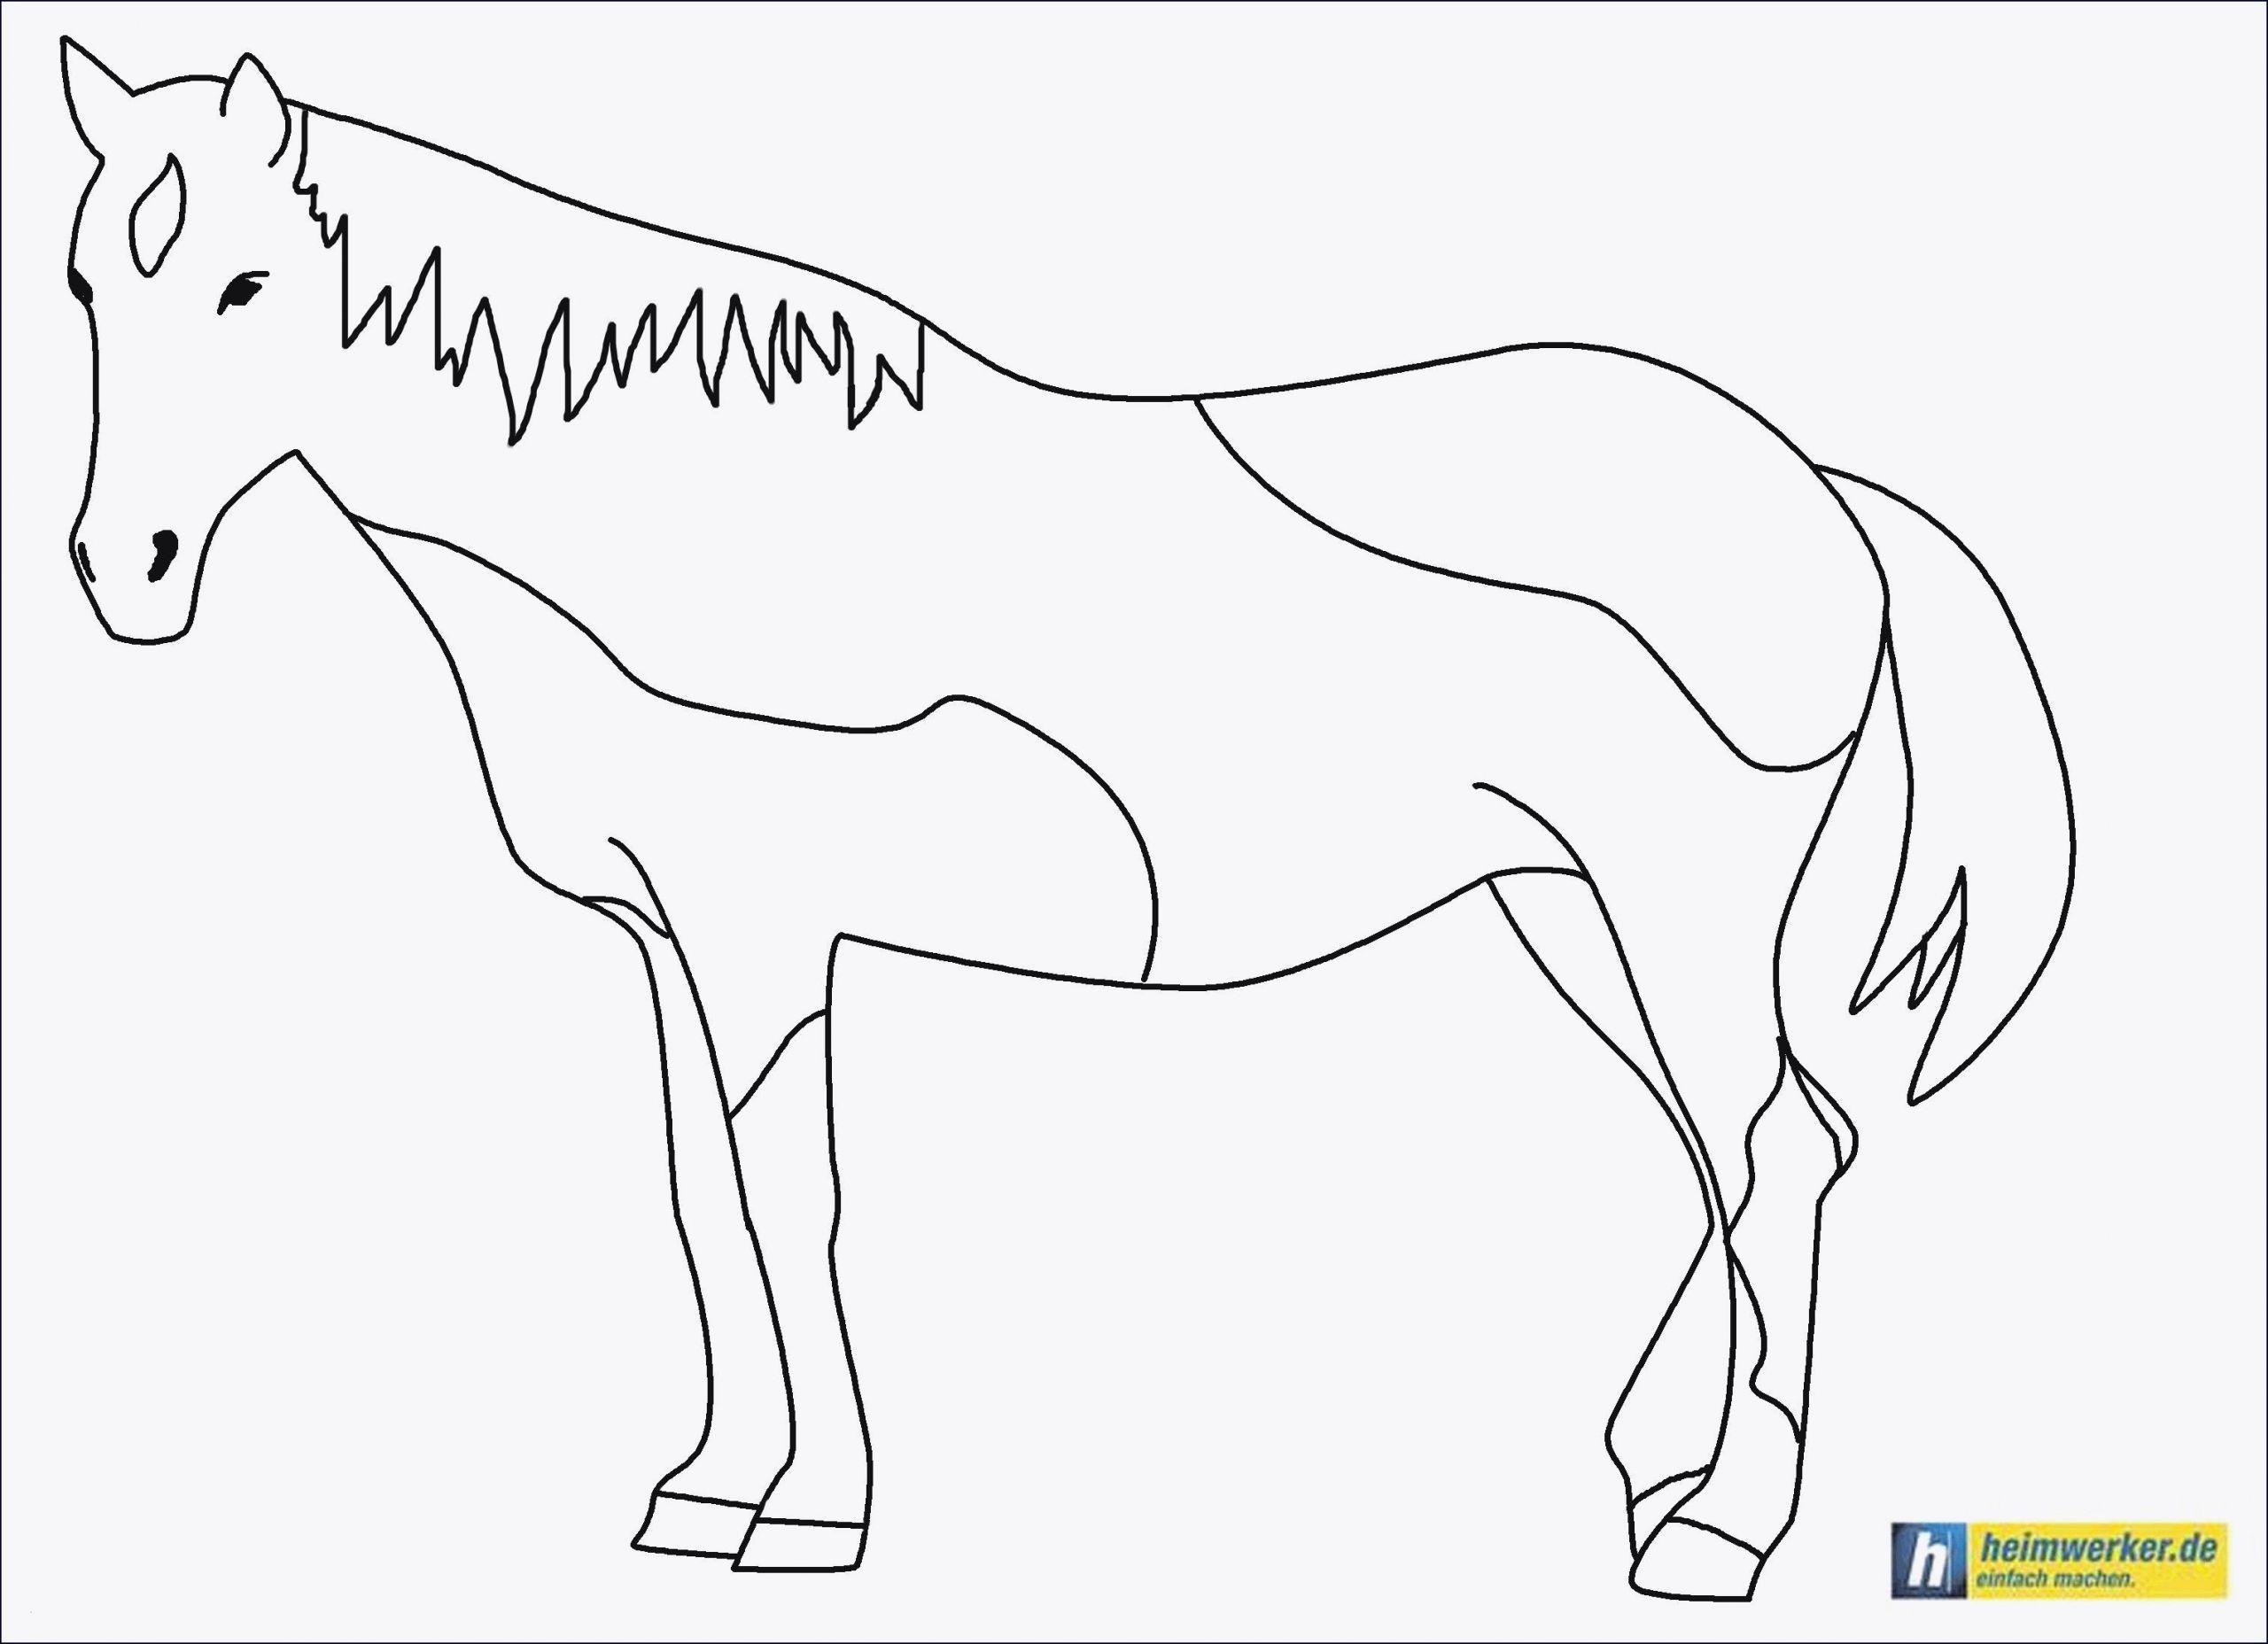 pferde ausmalbilder klein - tiffanylovesbooks